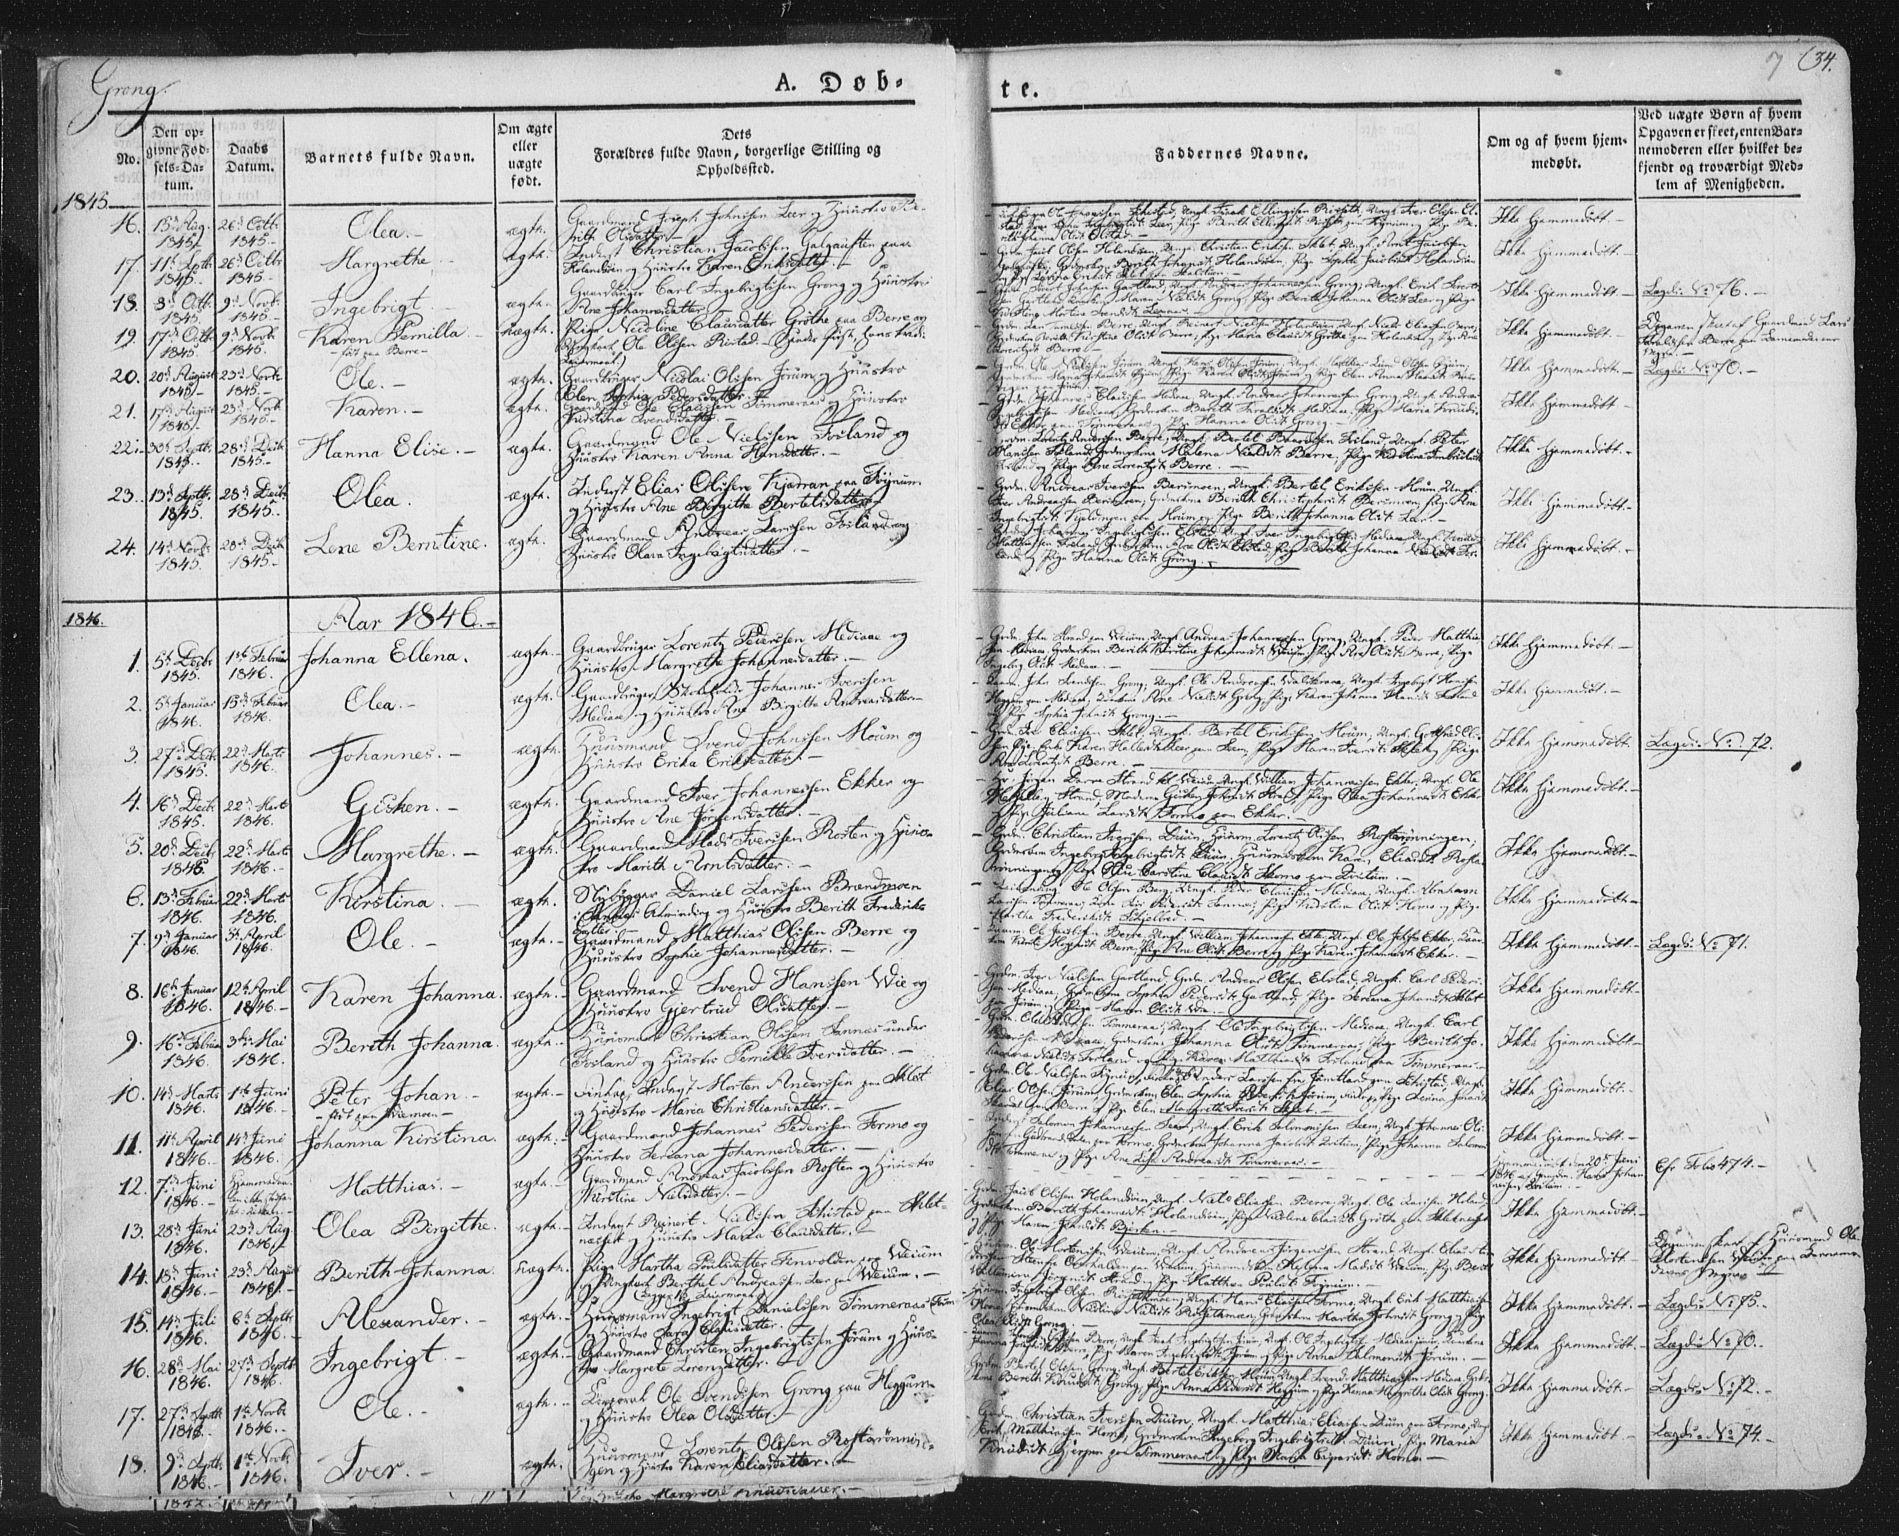 SAT, Ministerialprotokoller, klokkerbøker og fødselsregistre - Nord-Trøndelag, 758/L0513: Ministerialbok nr. 758A02 /1, 1839-1868, s. 7